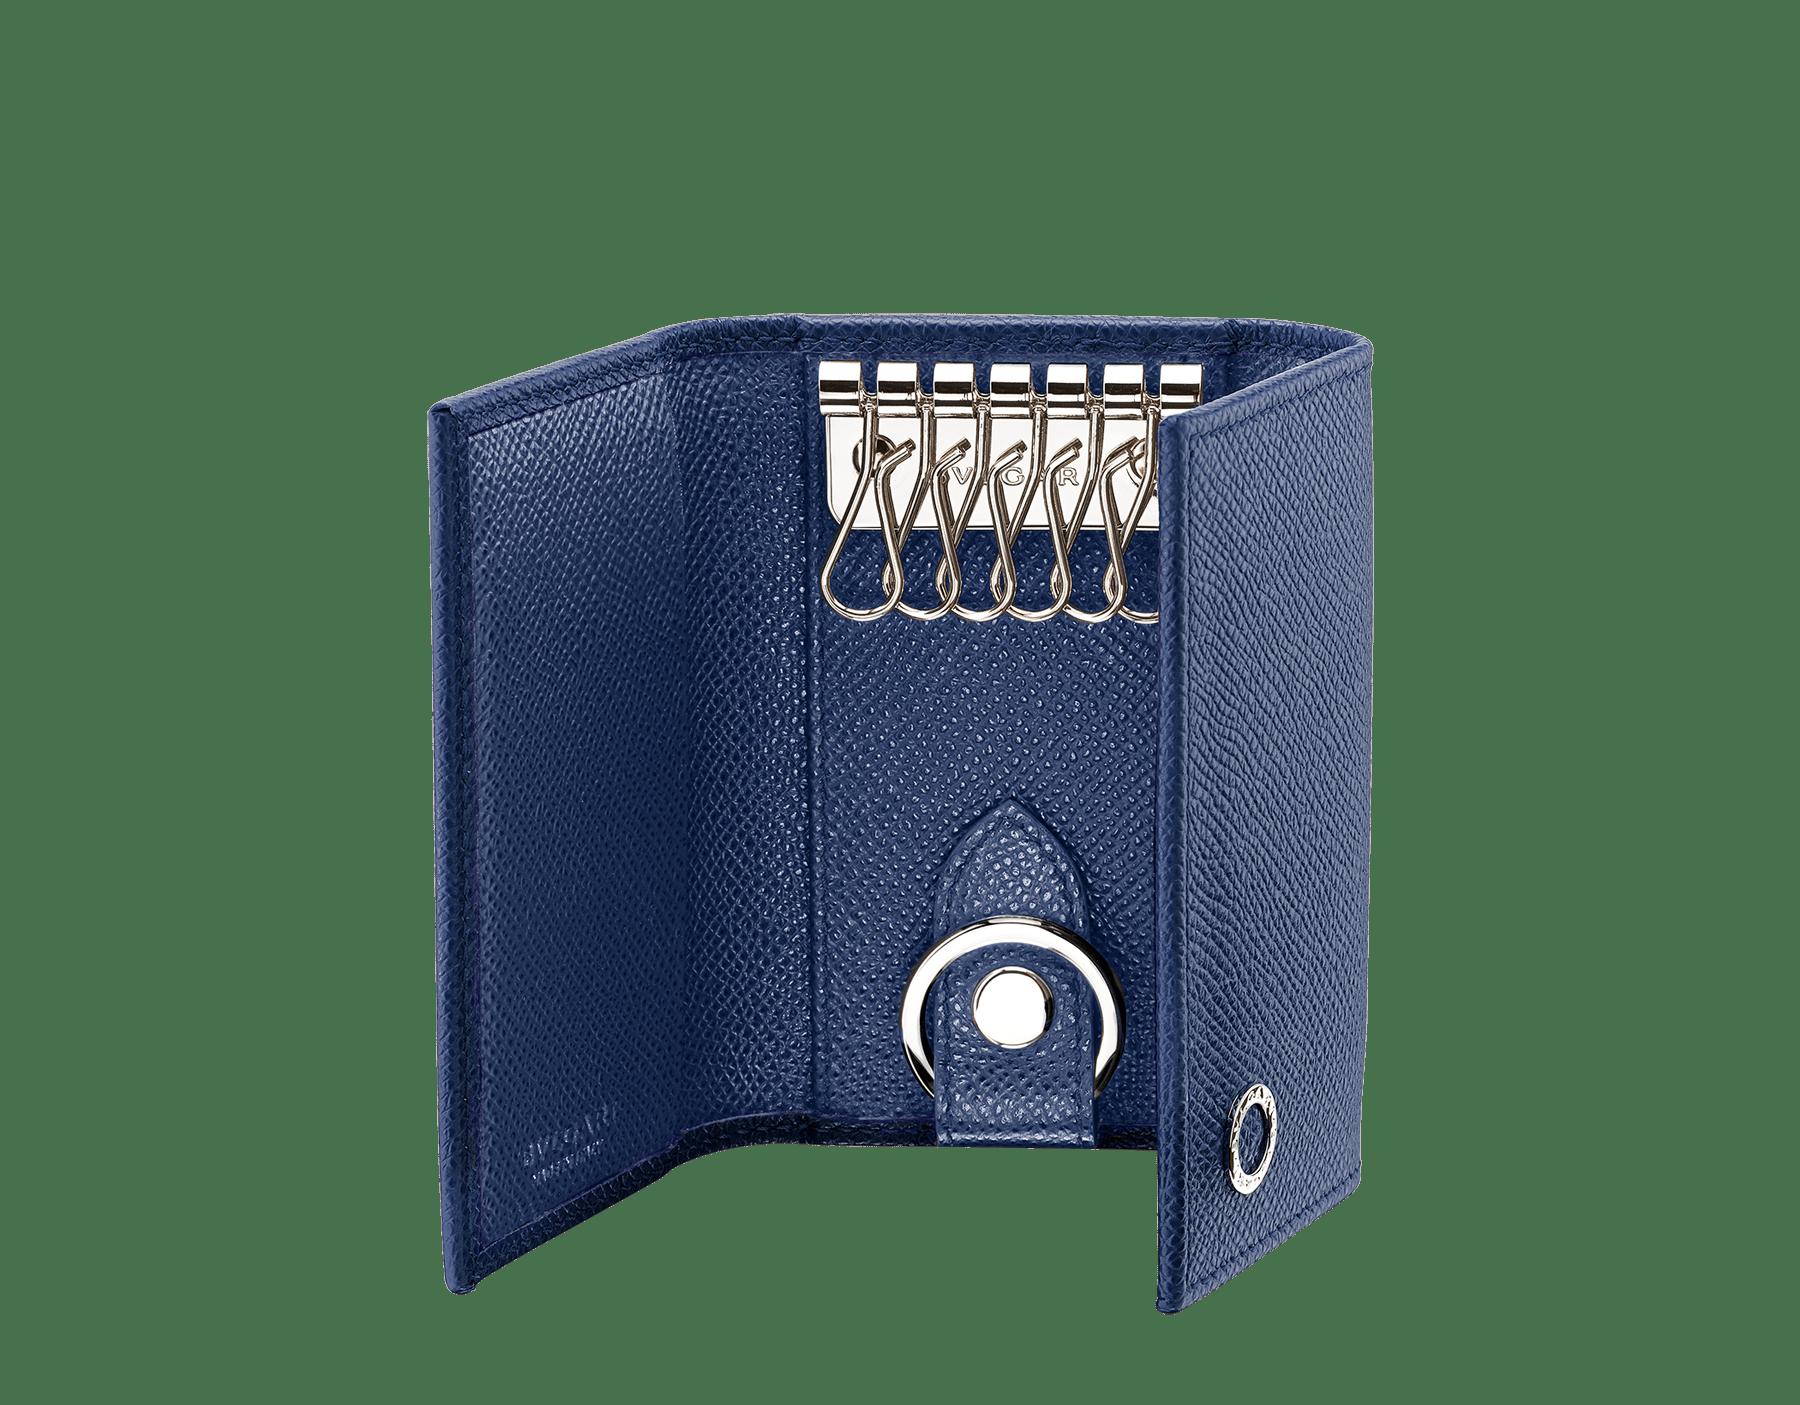 Porta-chaves duplo BVLGARIBVLGARI em couro de novilho granulado denim-safira. Porta-chave de carro removível em metal banhado a paládio. 288606 image 2